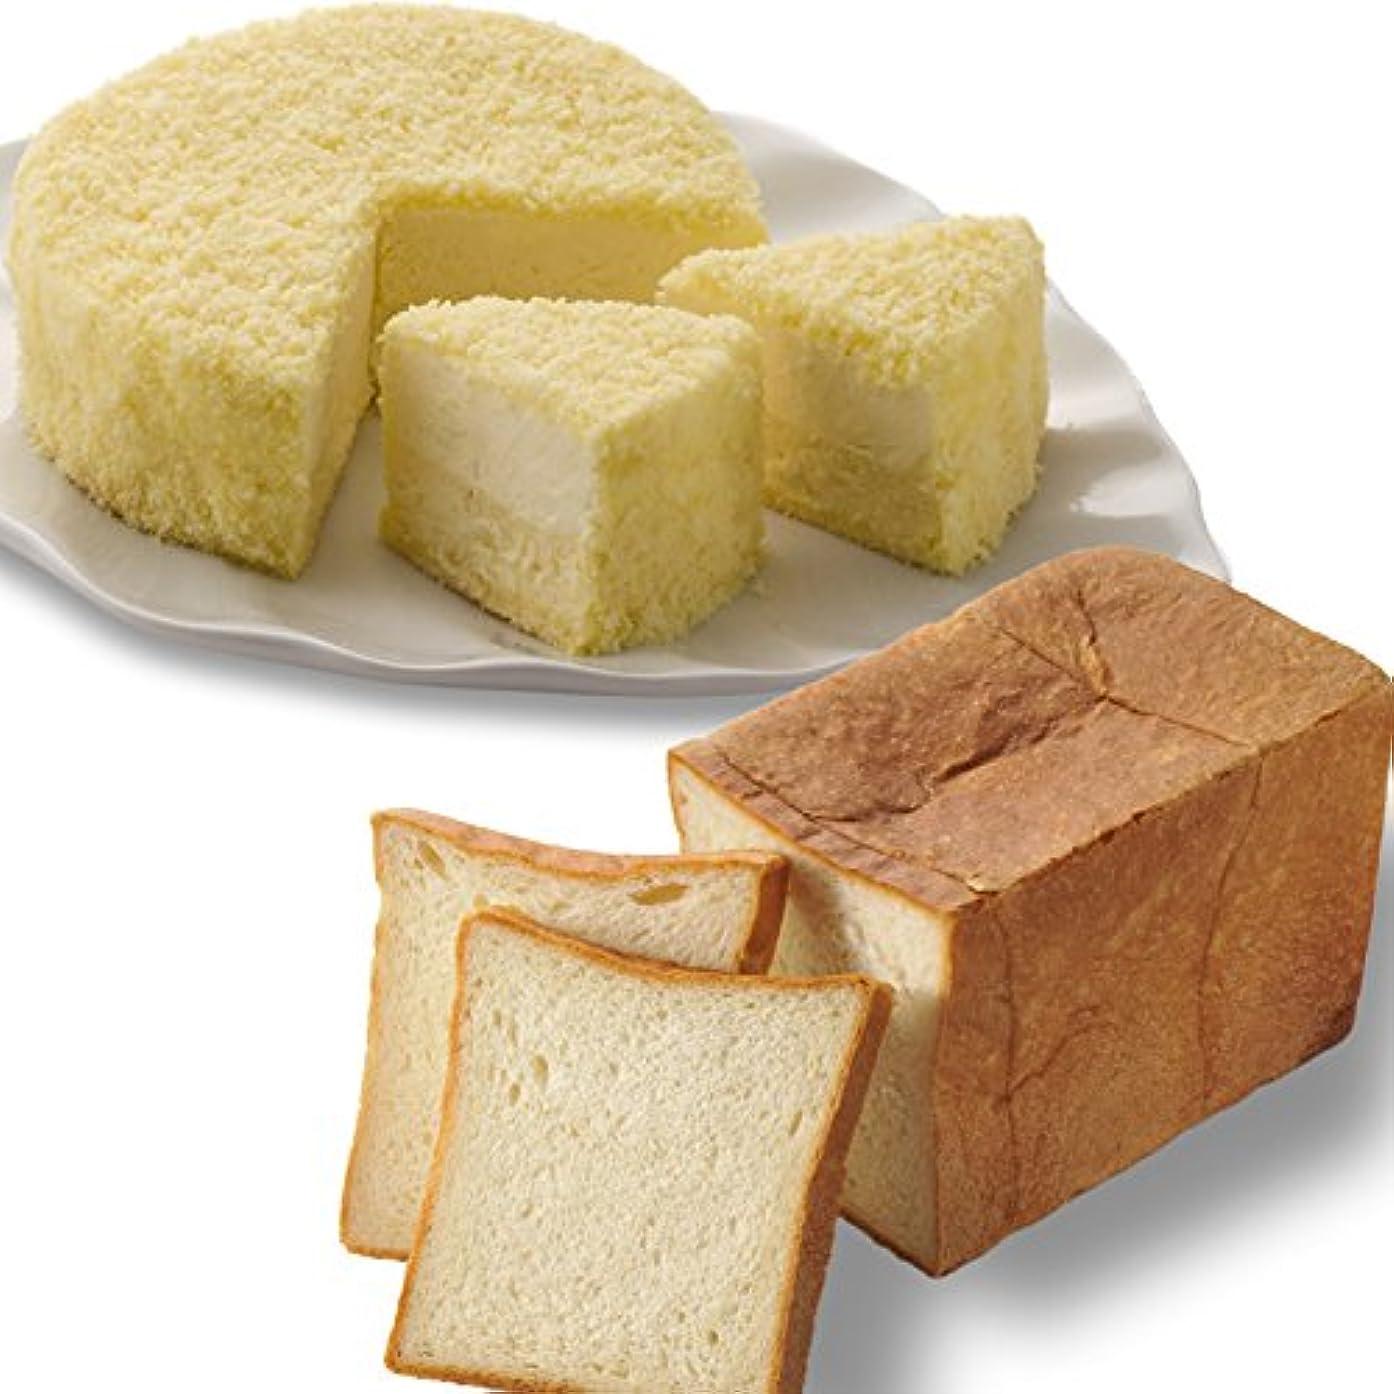 逃げる項目サンダルルタオ (LeTAO) チーズケーキ 食パン 奇跡の口どけセット (ドゥーブルフロマージュ 北海道生クリーム食パン)お中元 夏 ギフト 贈答品 プレゼント 北海道 お菓子 スイーツ パン ブレッド お取り寄せ